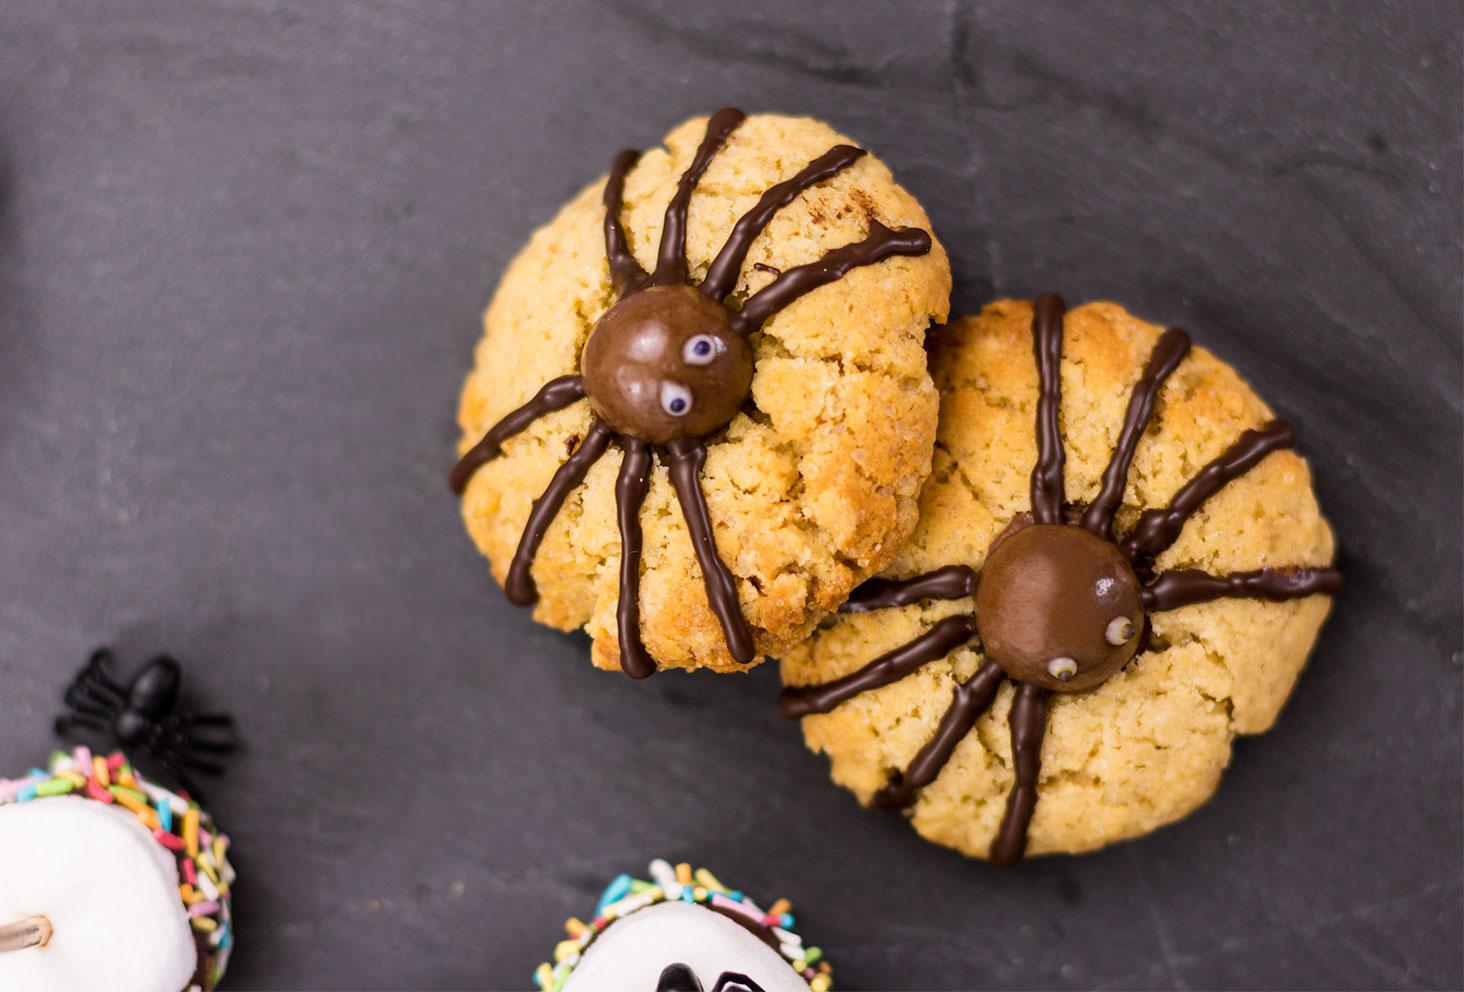 Résultat des cookies araignées pour Halloween